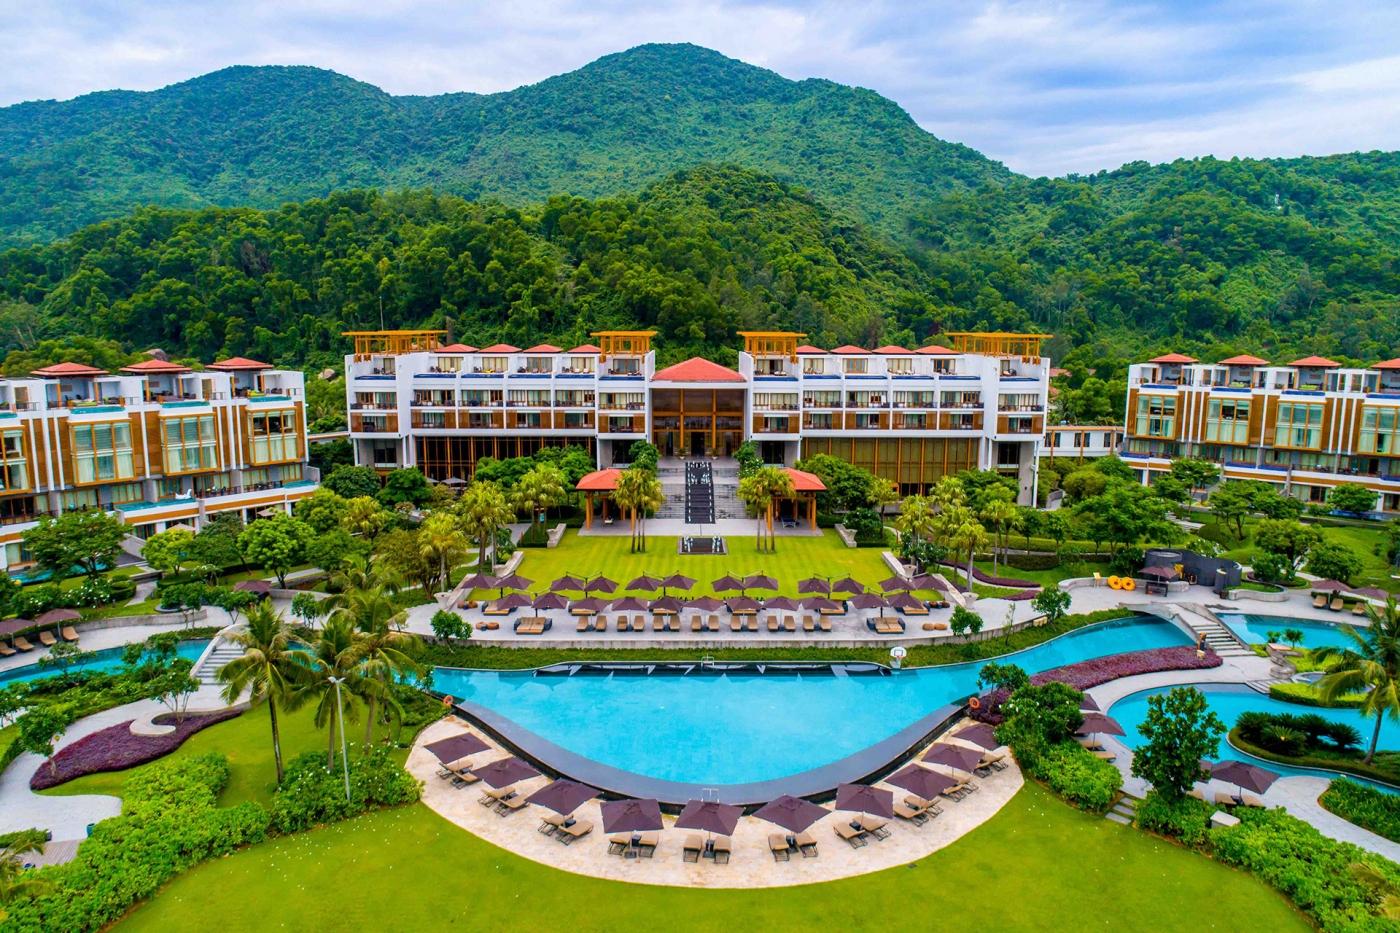 Khu nghỉ dưỡng Angsana Huế